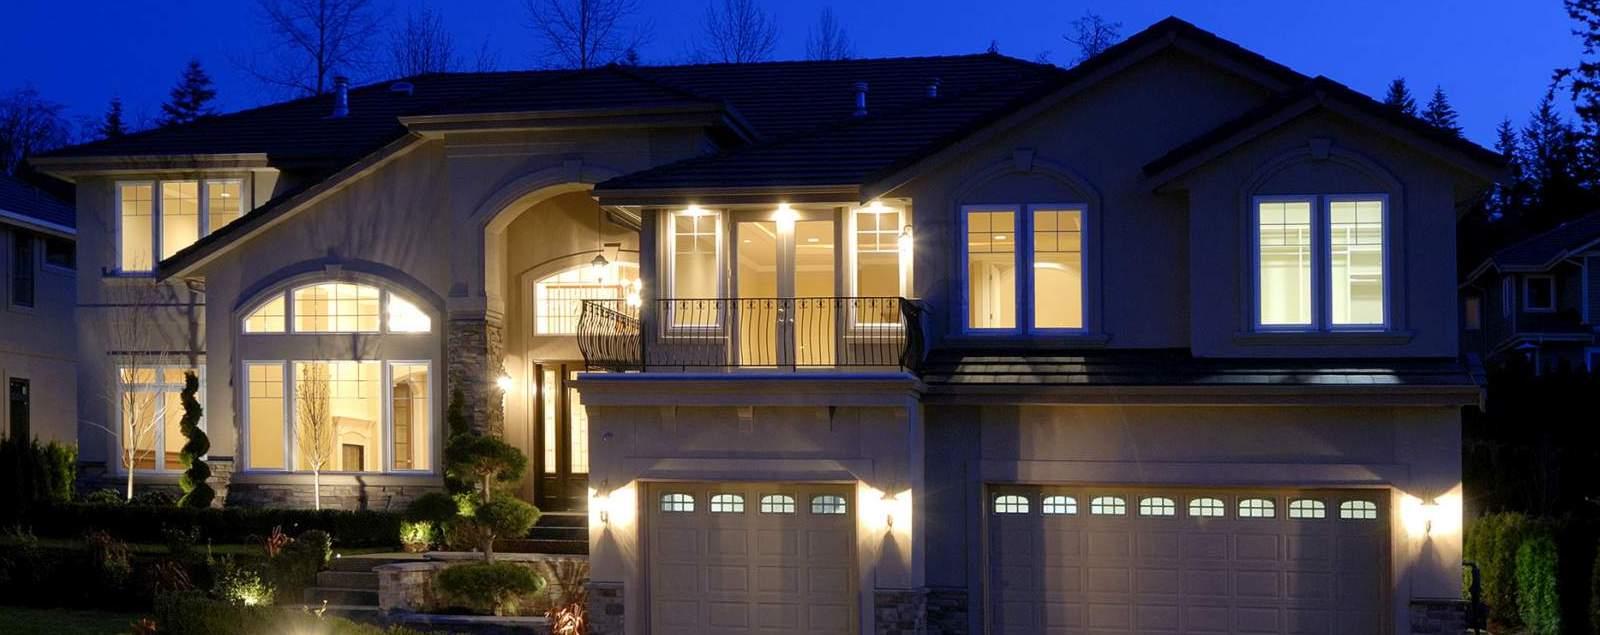 hero outdoor lighting - نورپردازی خارج ساختمان : بایدها و نبایدها: